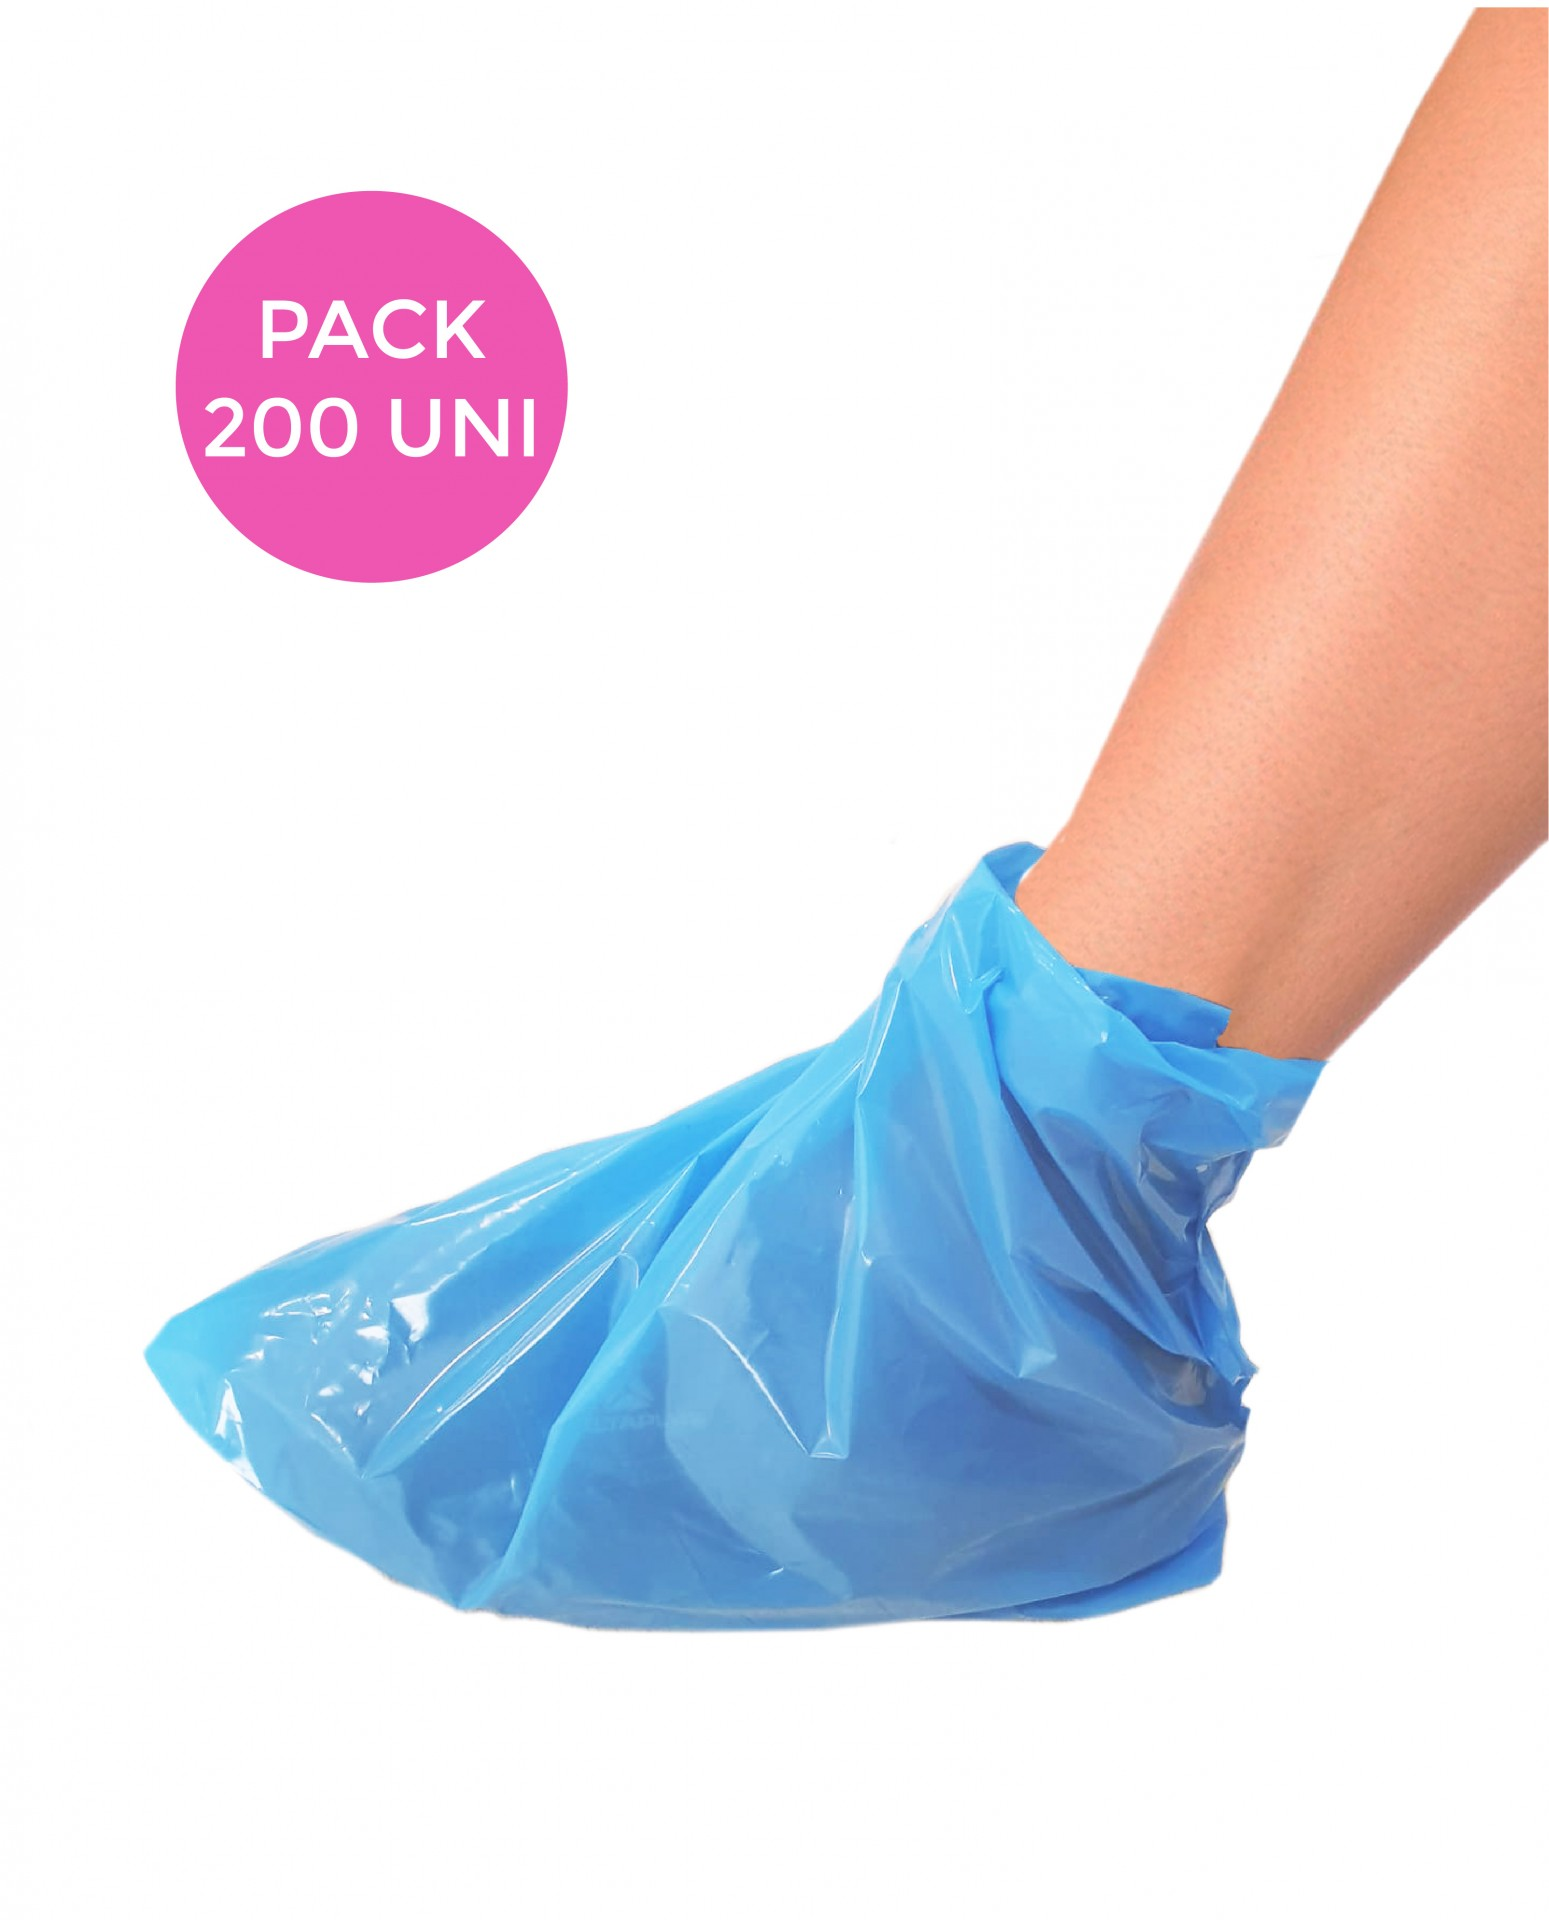 Cobre sapatos descartáveis - 200 unidades